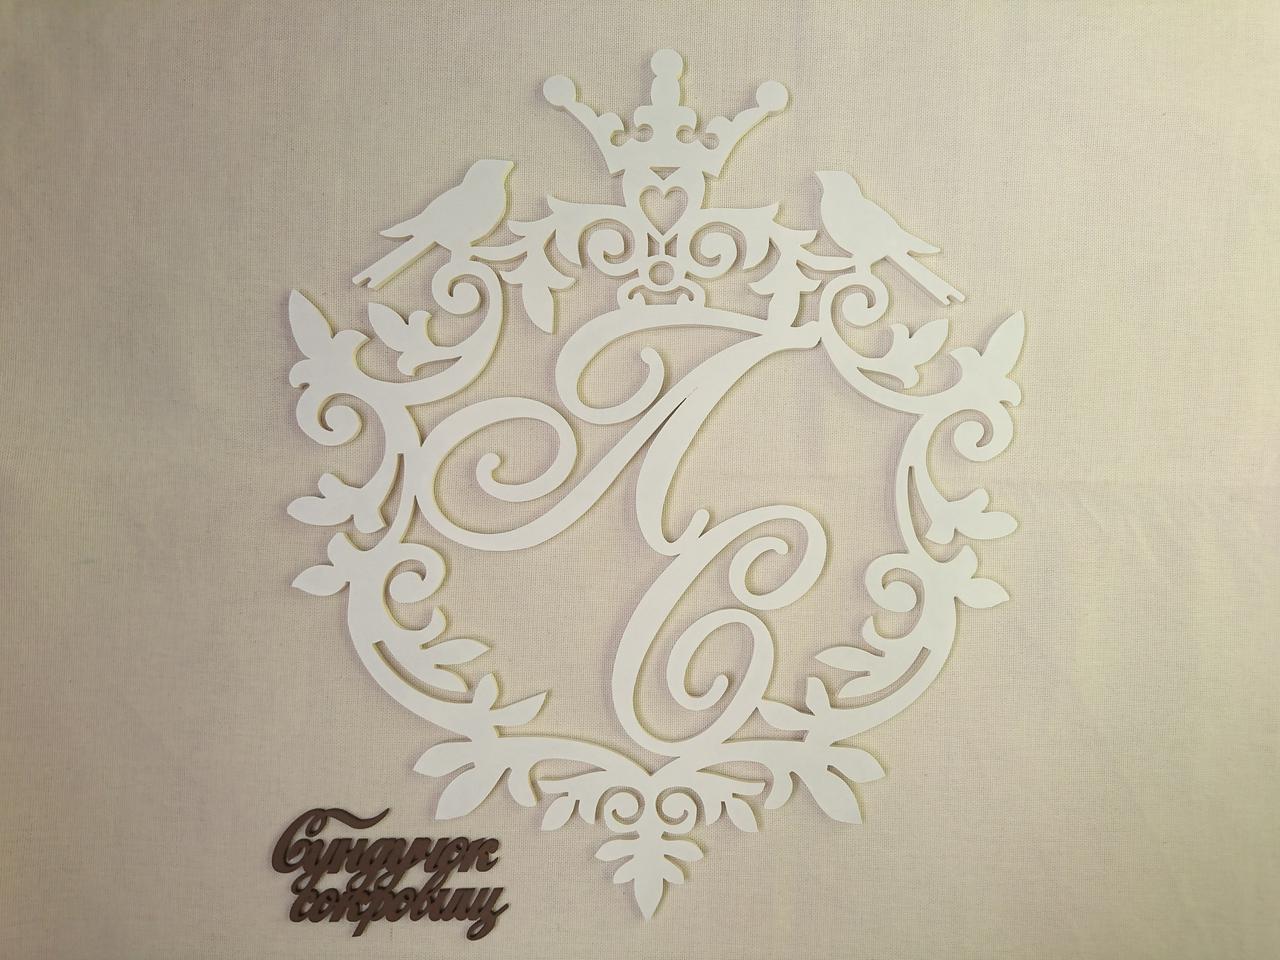 Свадебная монограмма, герб с инициалами из дерева